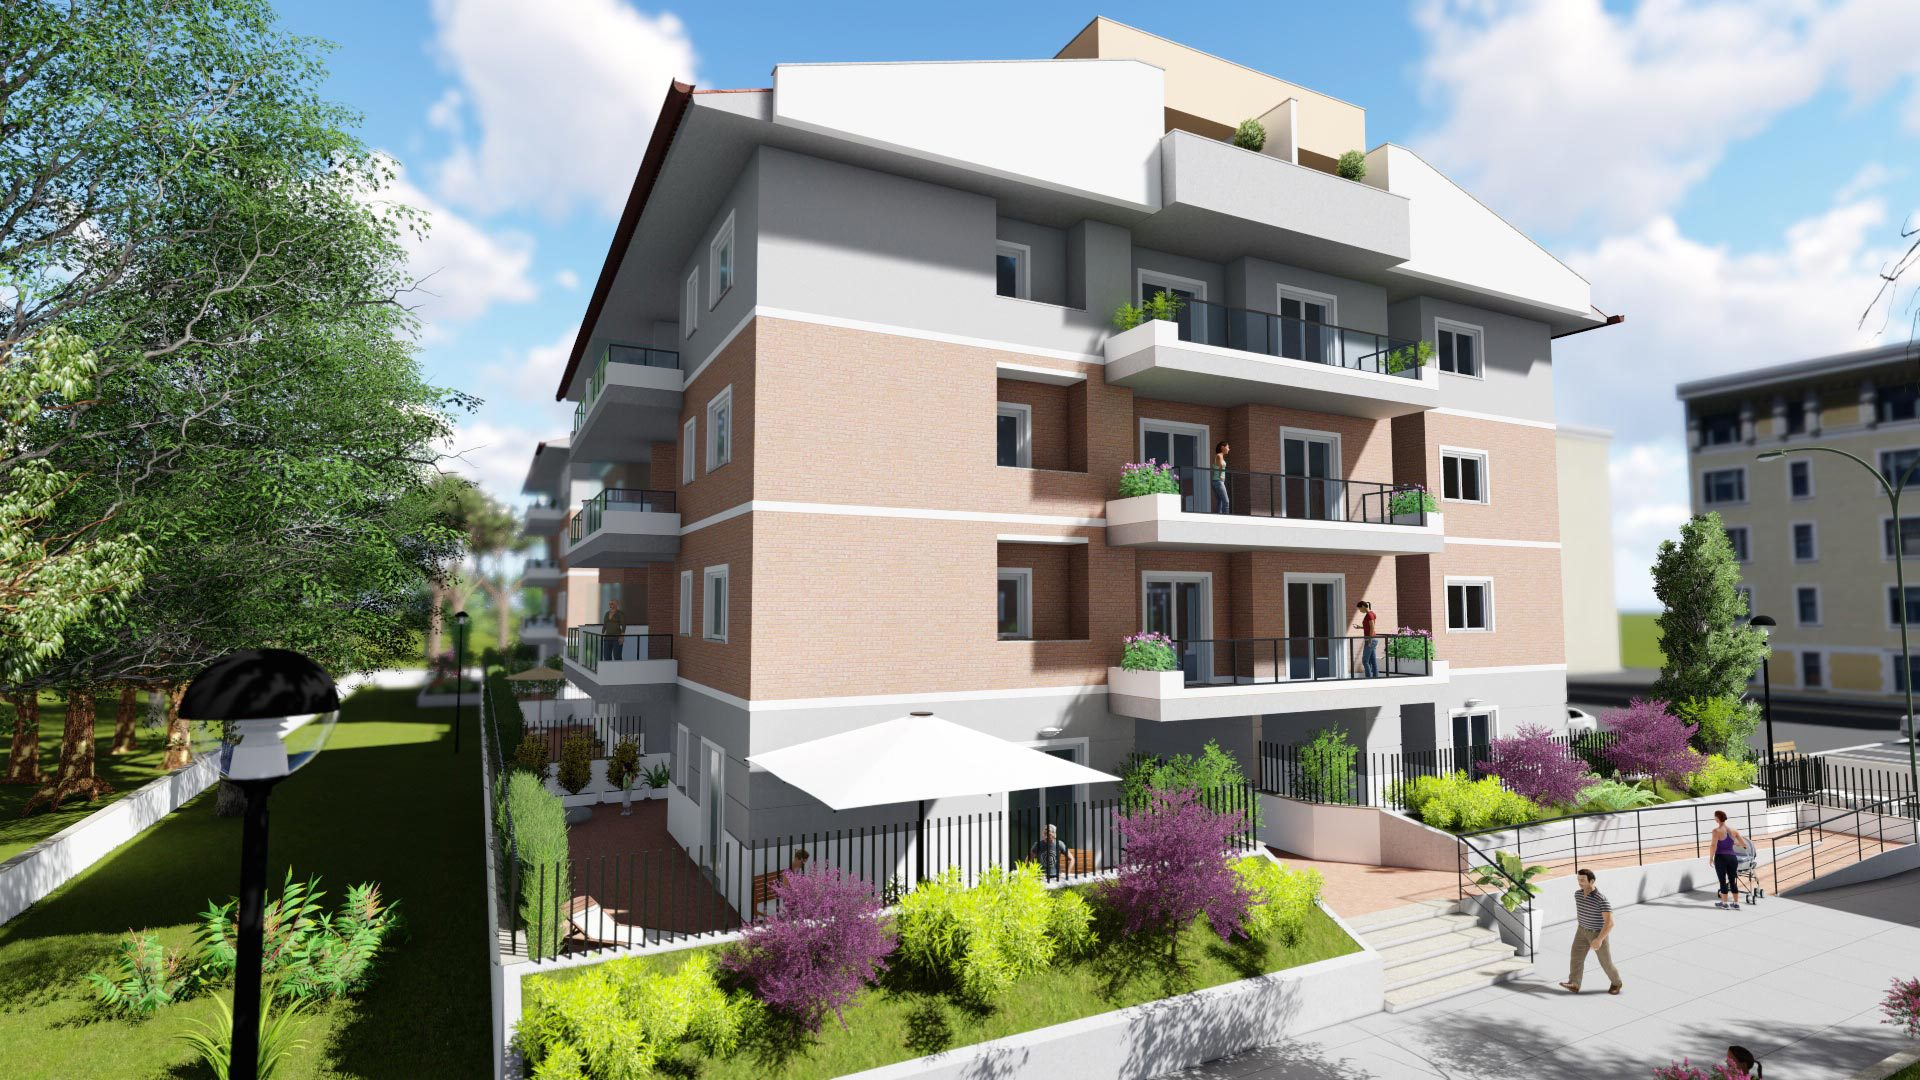 case in vendita torresina 2 roma nuove costruzioni